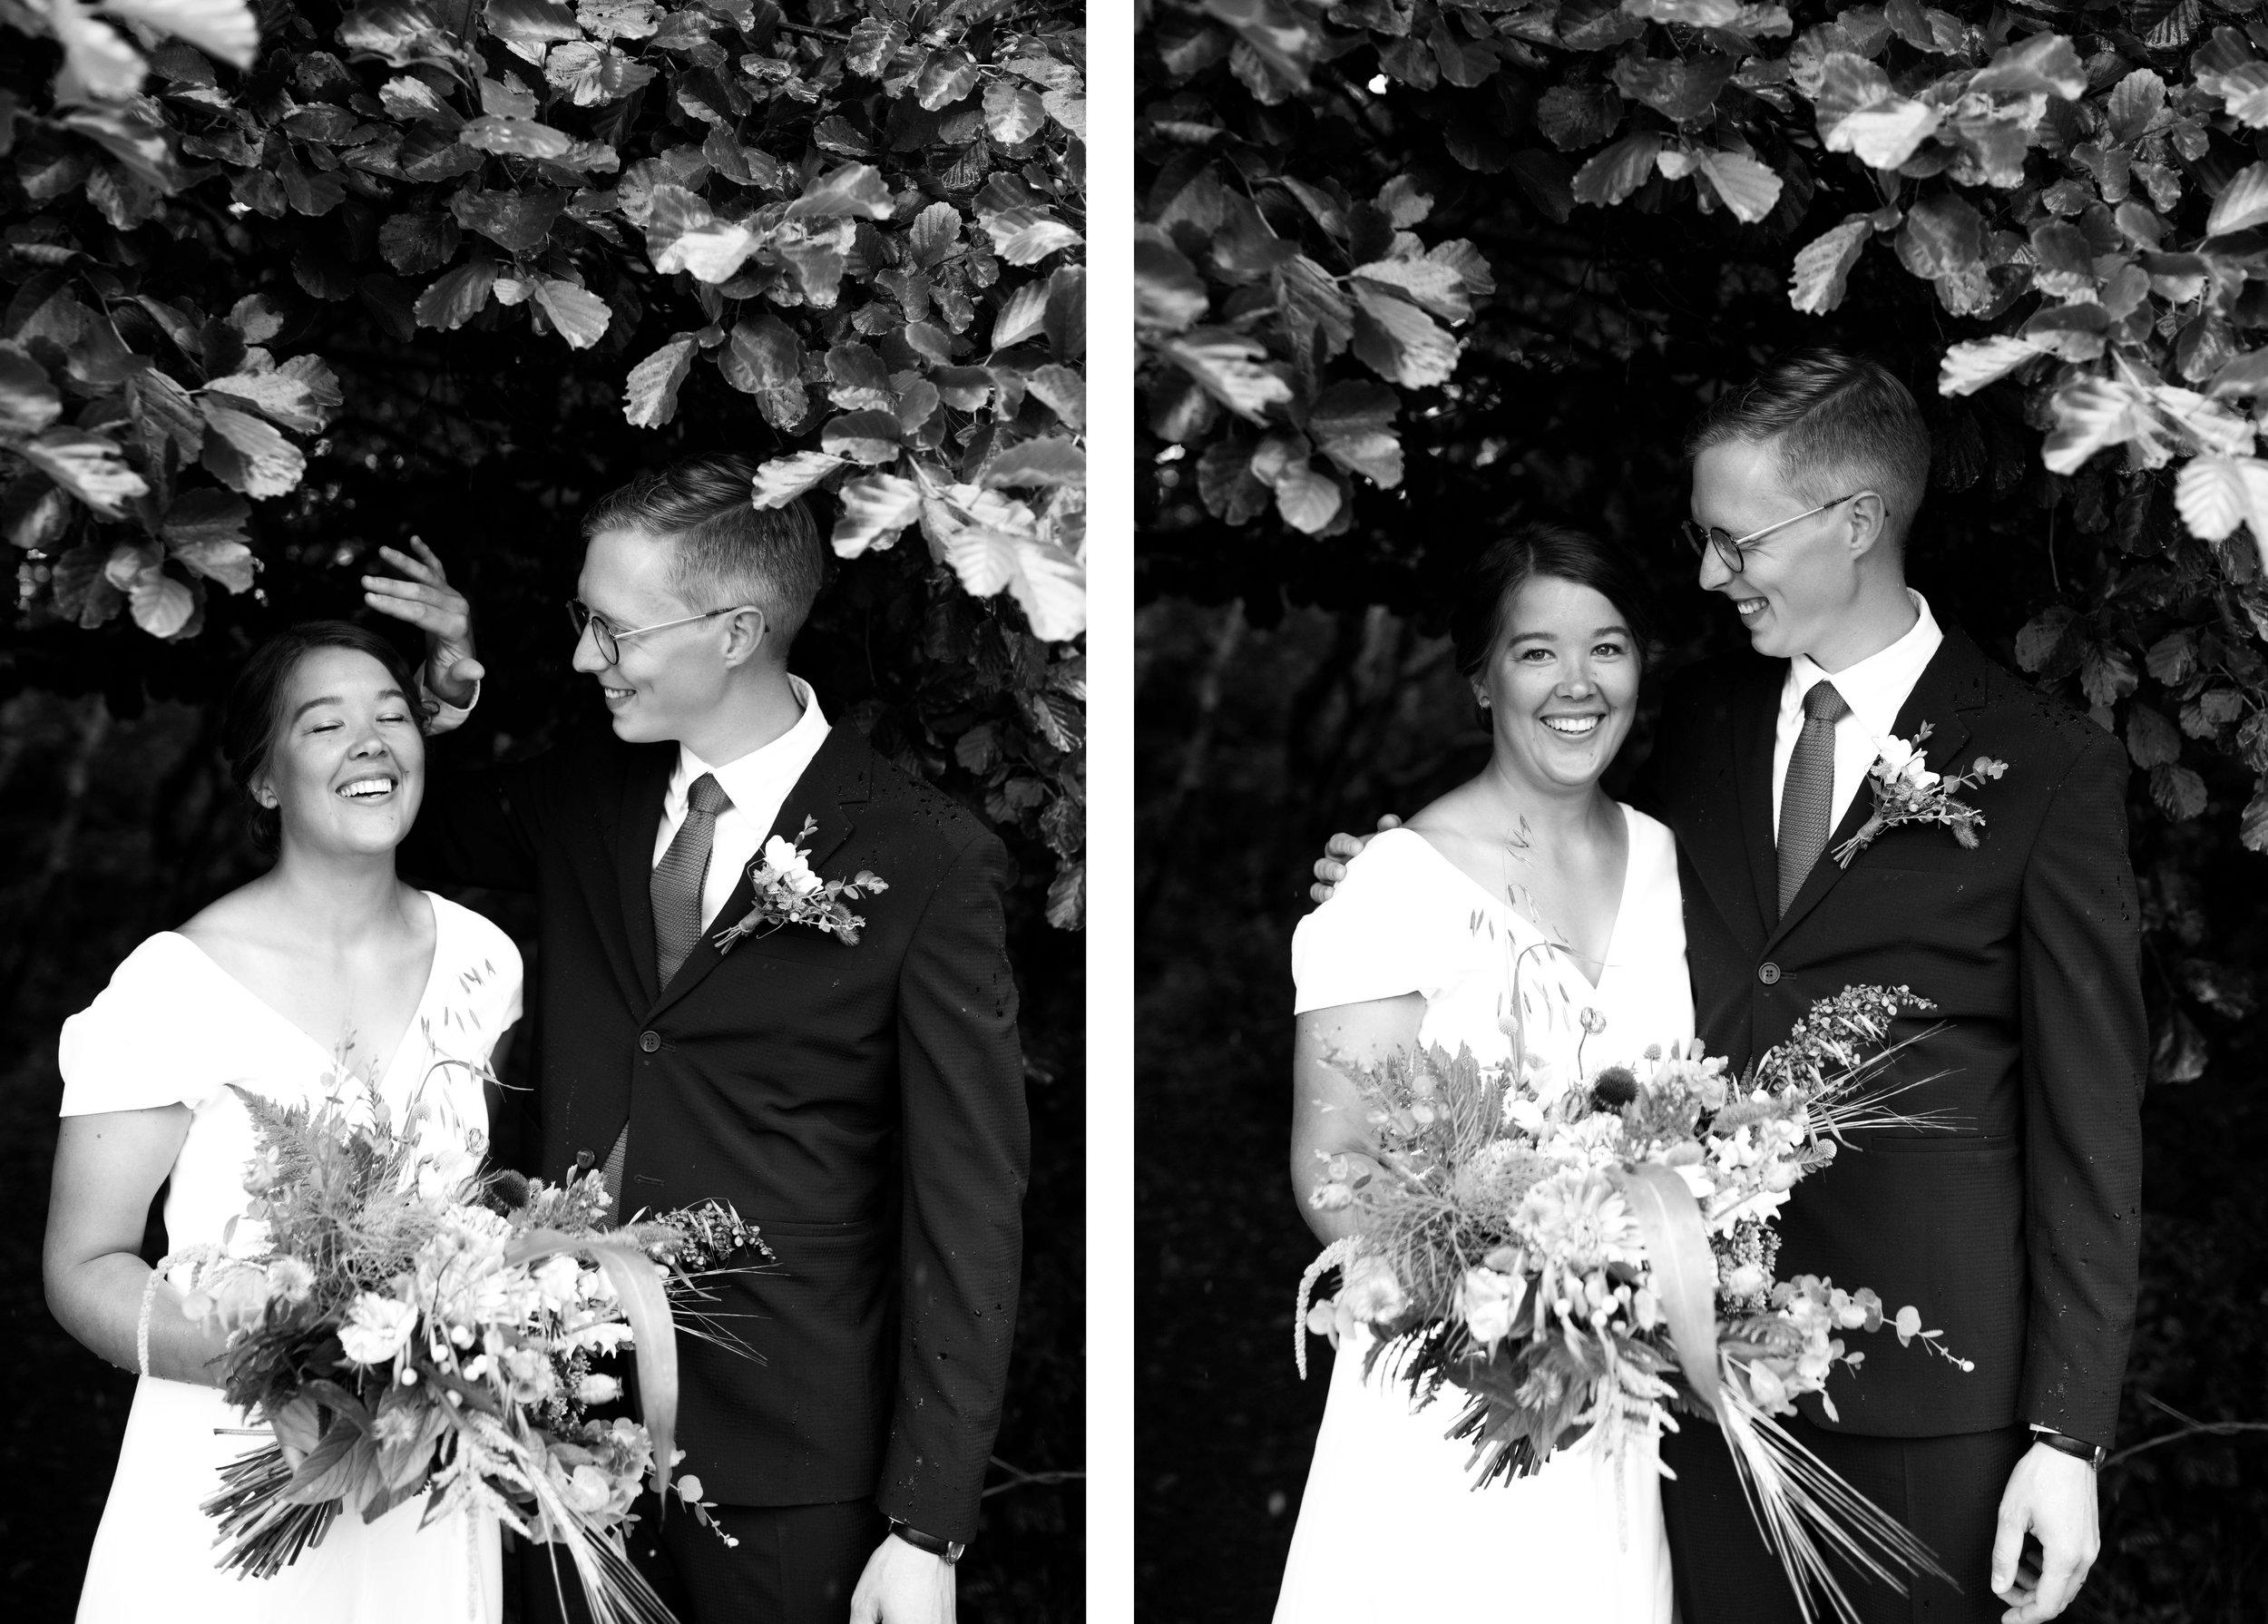 HJ_Bröllop2019_Bästa_Bilderna_Lågkvall-7205_2.jpg